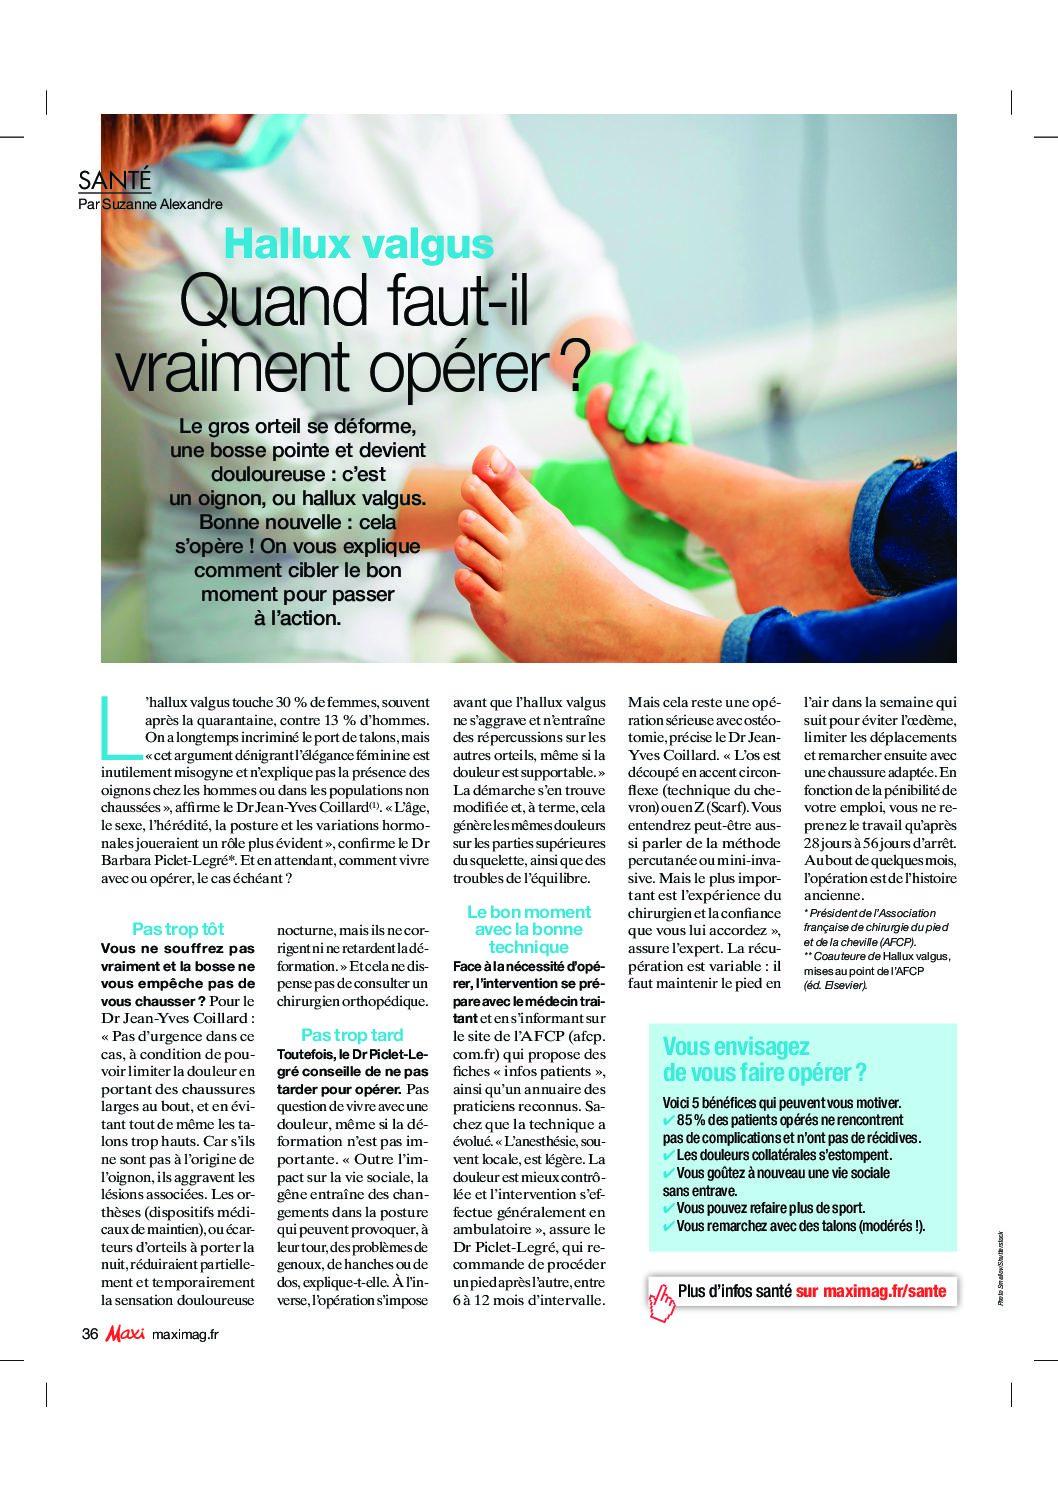 HV-Maxi-mag-article-lundi-19-novembre-2018-Suzanne-Alexandre-pdf.jpg